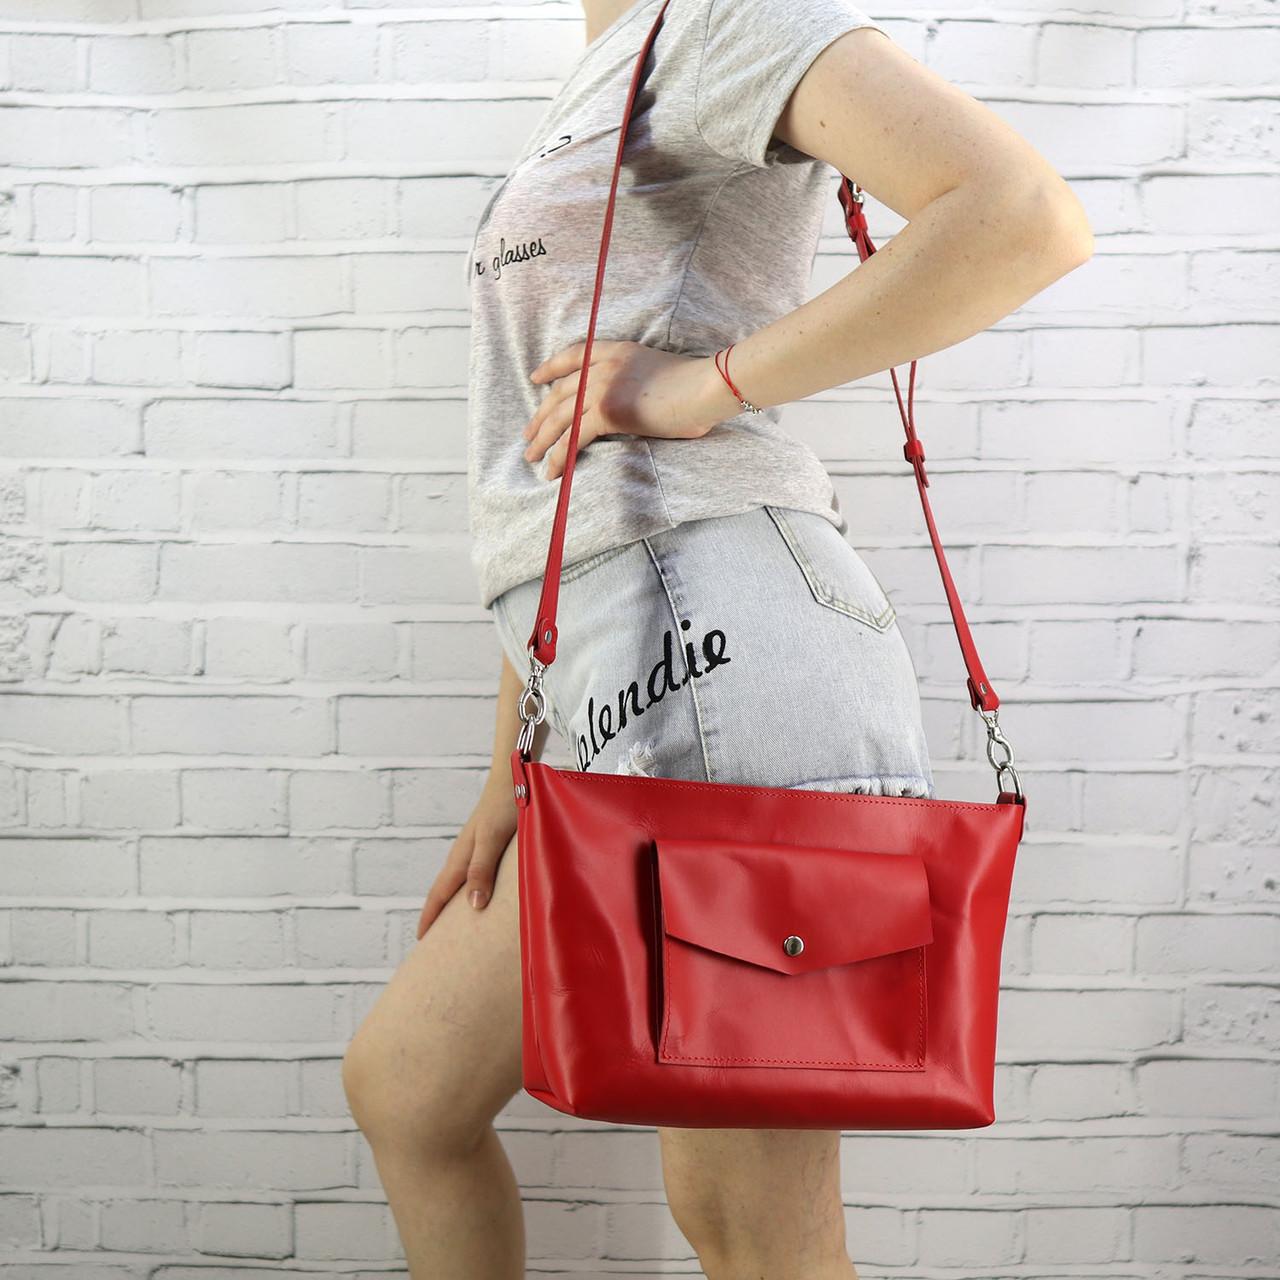 Сумка Mihey front pocket красная из натуральной кожи kapri 1452602